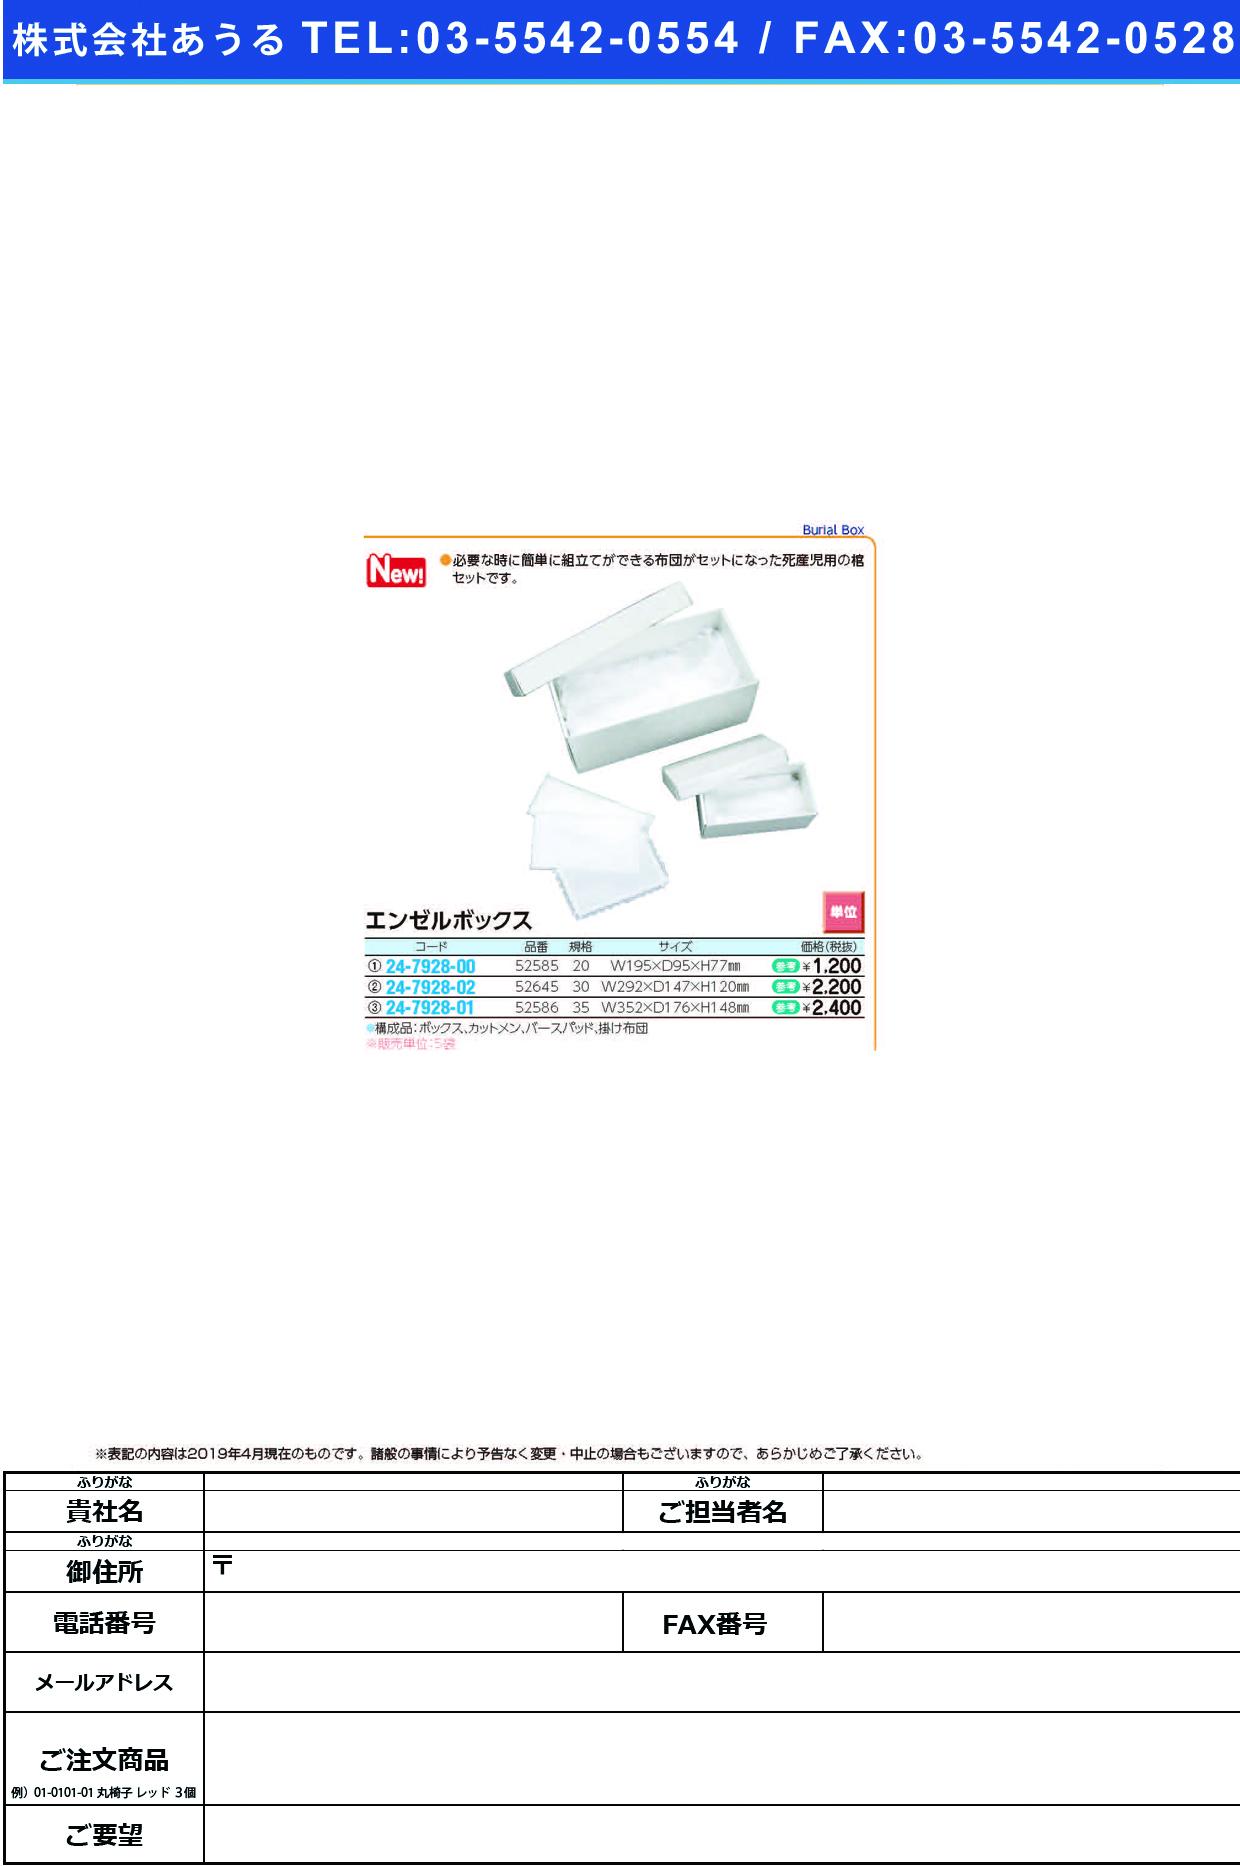 (24-7928-02)エンゼルボックス3052645 エンゼルボックス30(オオサキメディカル)【1袋単位】【2019年カタログ商品】